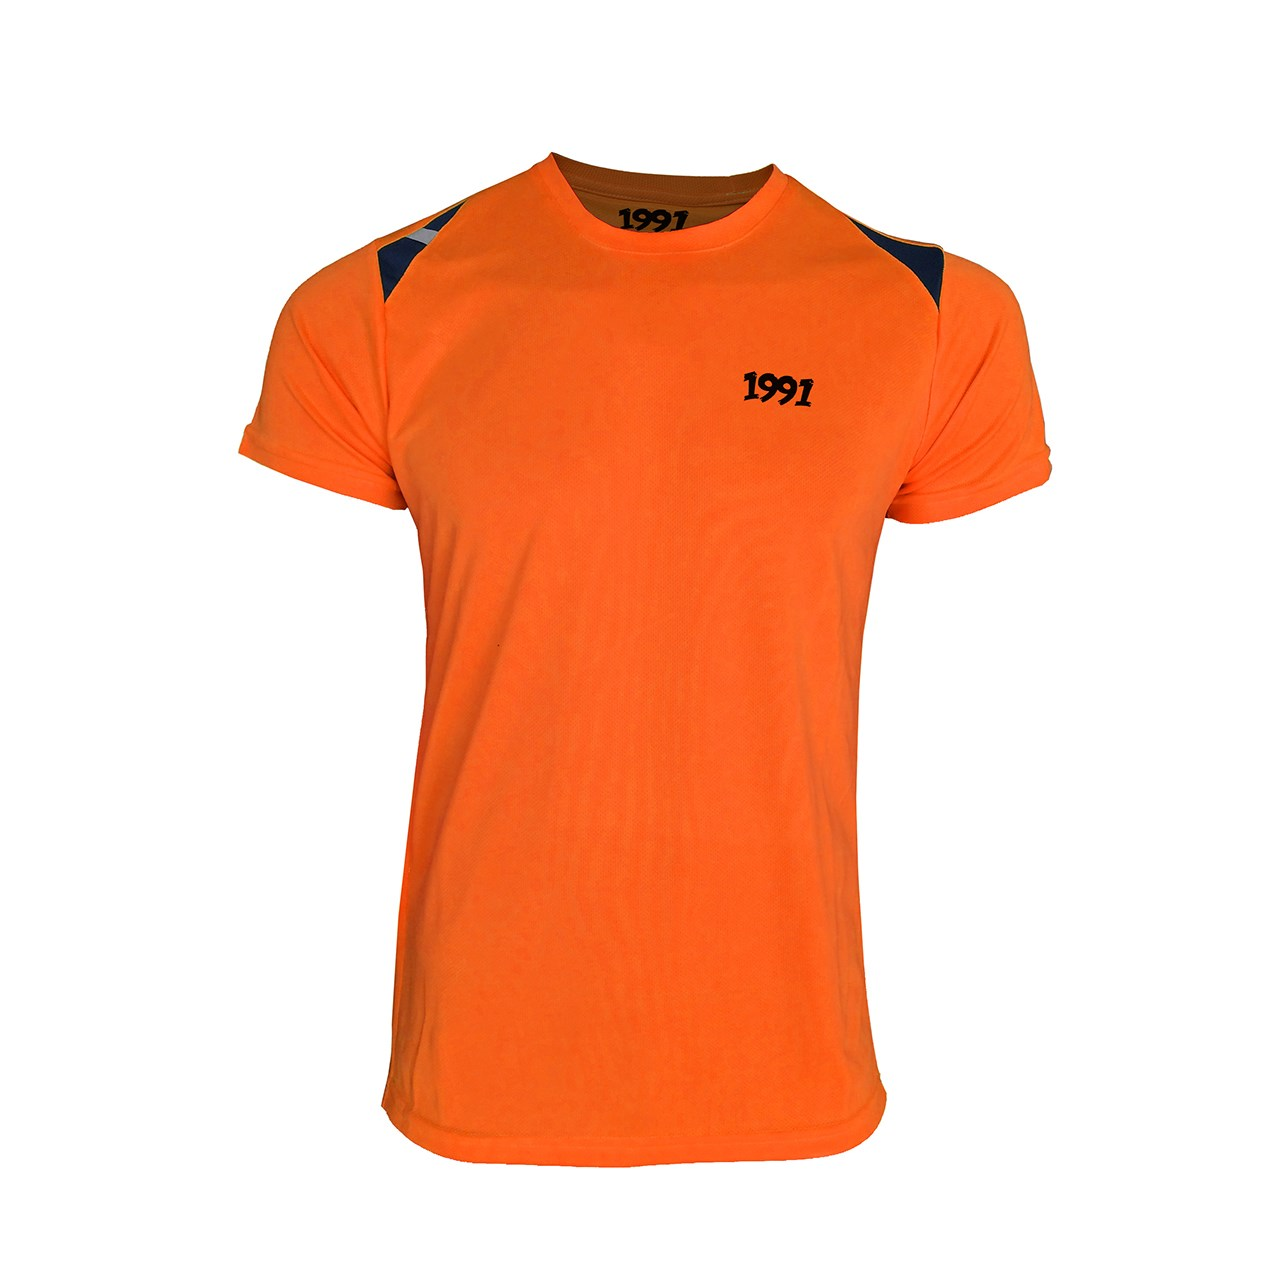 تی شرت مردانه 1991 اس دبلیو مدل Reflective Orangeblack